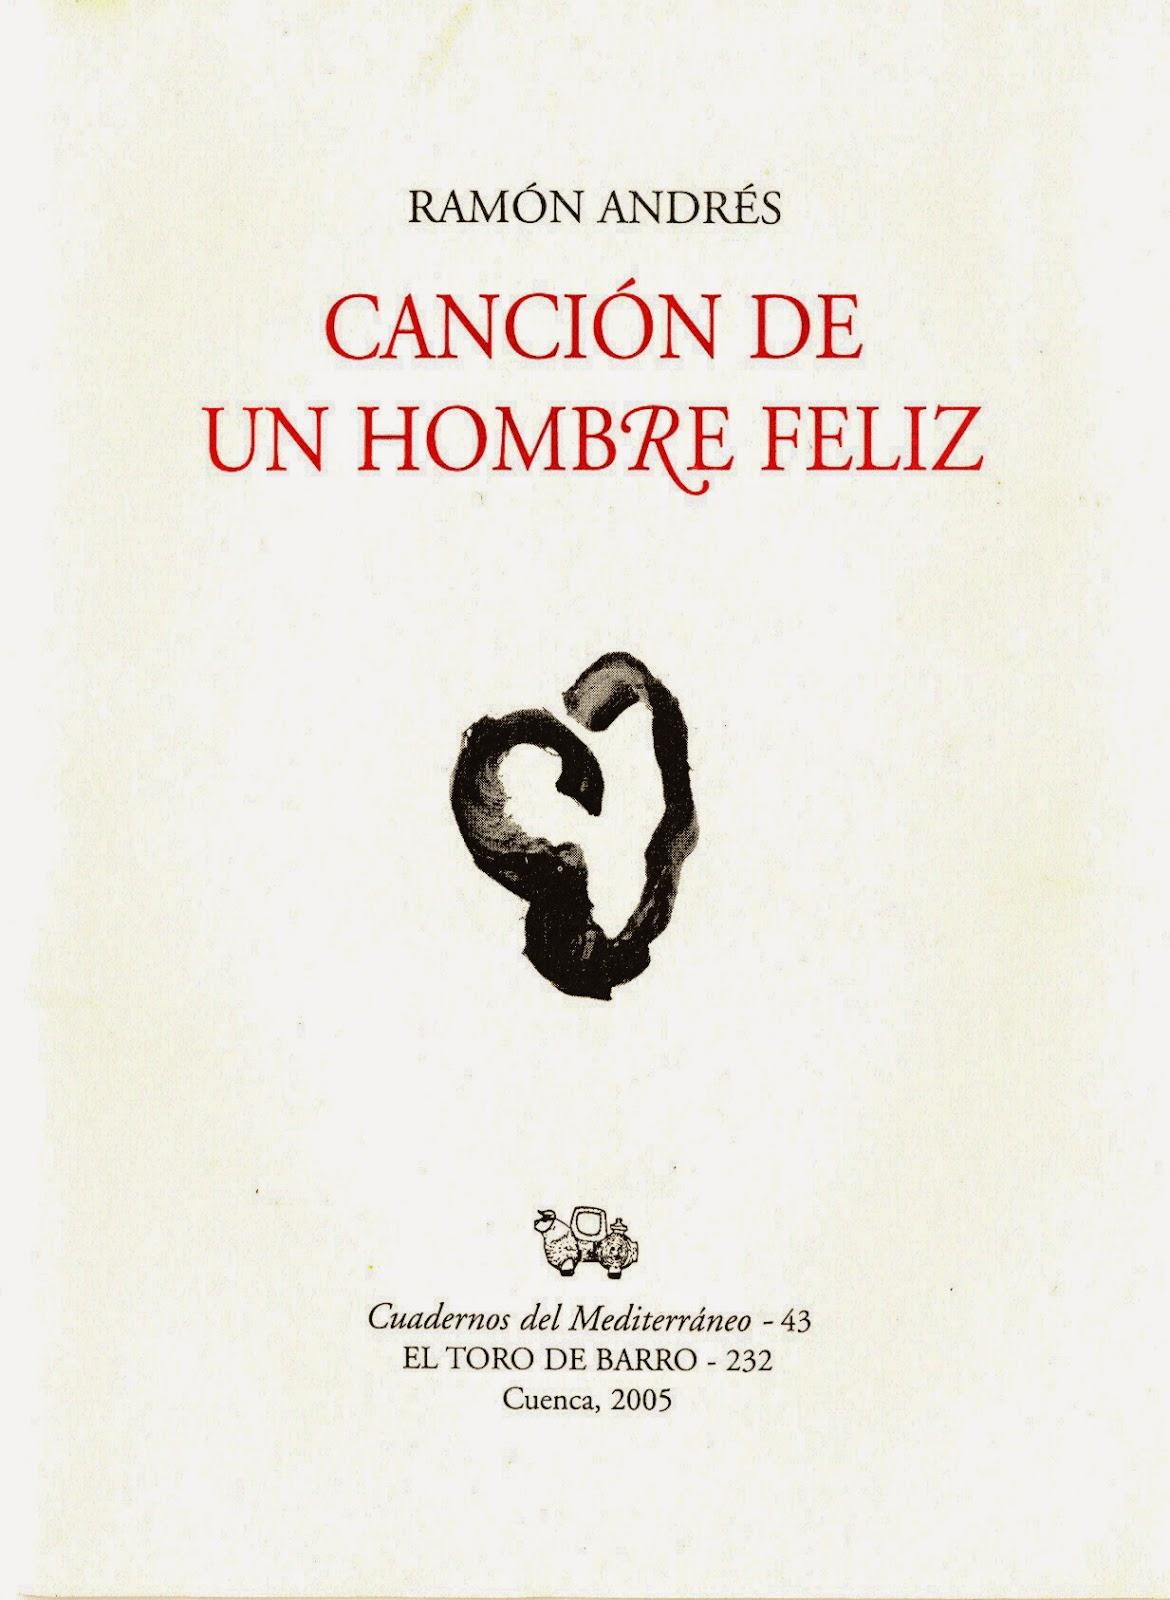 """Ramón Andrés, """"Canción de un hombre feliz"""", Col. Cuadernos del Mediterráneo, Ed. El toro de Barro, Tarancón de Cuenca 2005"""